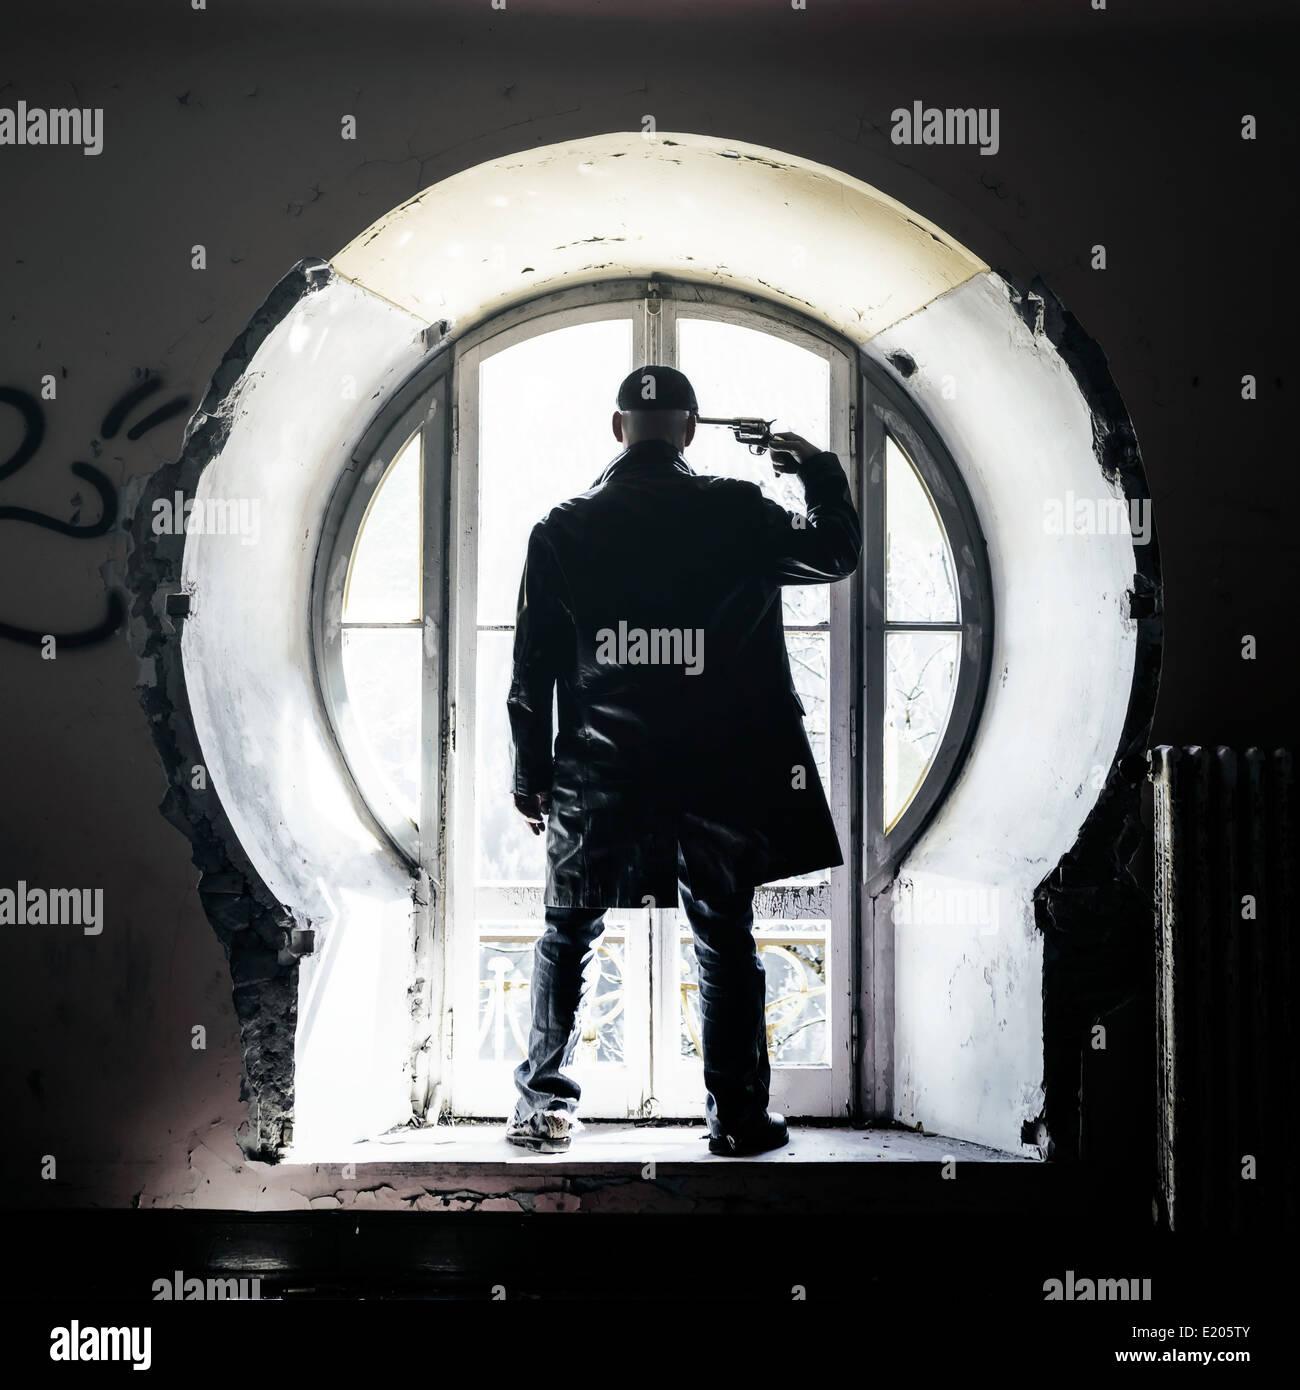 Un hombre con una pistola delante de una ventana de un viejo edificio abandonado se dispara a sí mismo Imagen De Stock